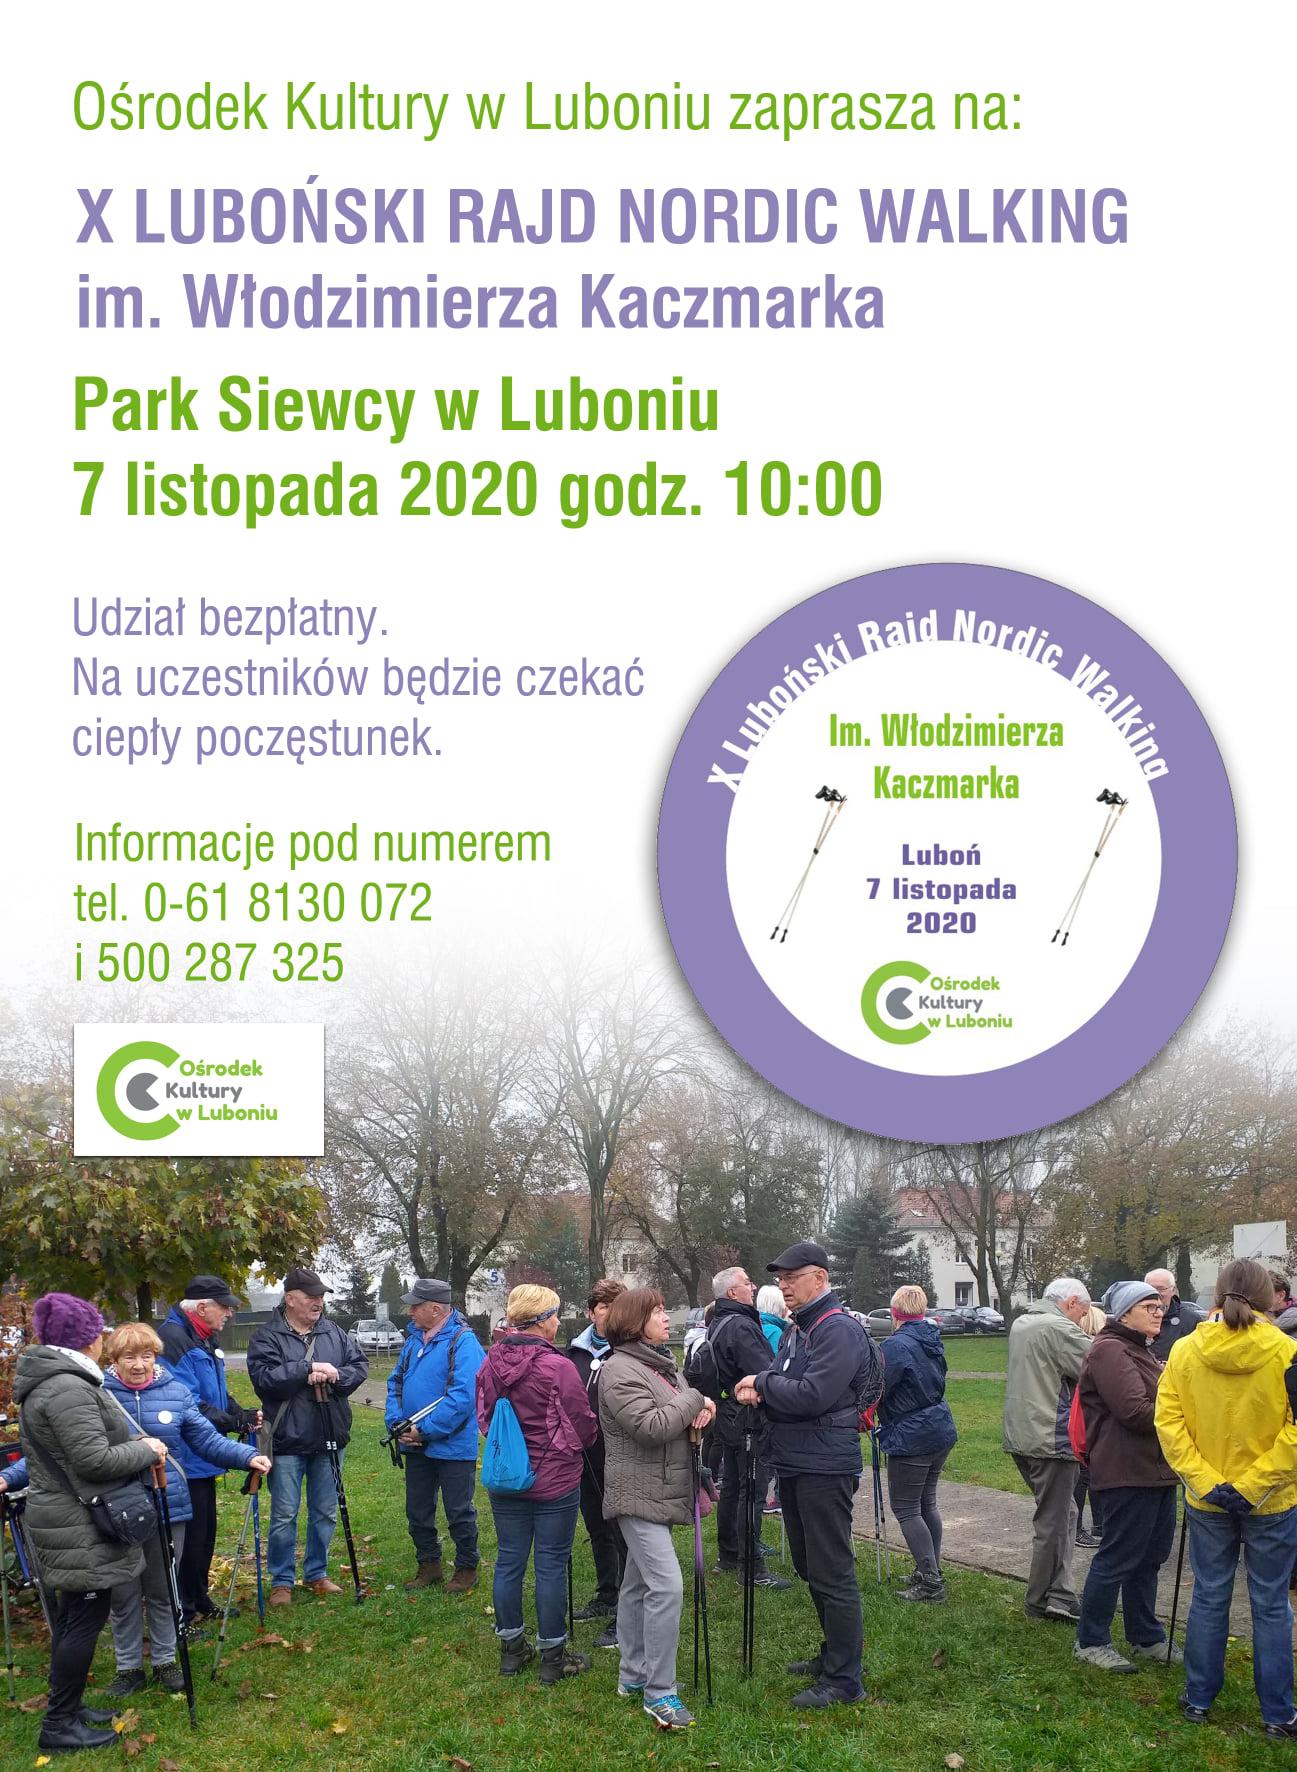 X Rajd Nordic Walking im. Włodzimierza Kaczmarka